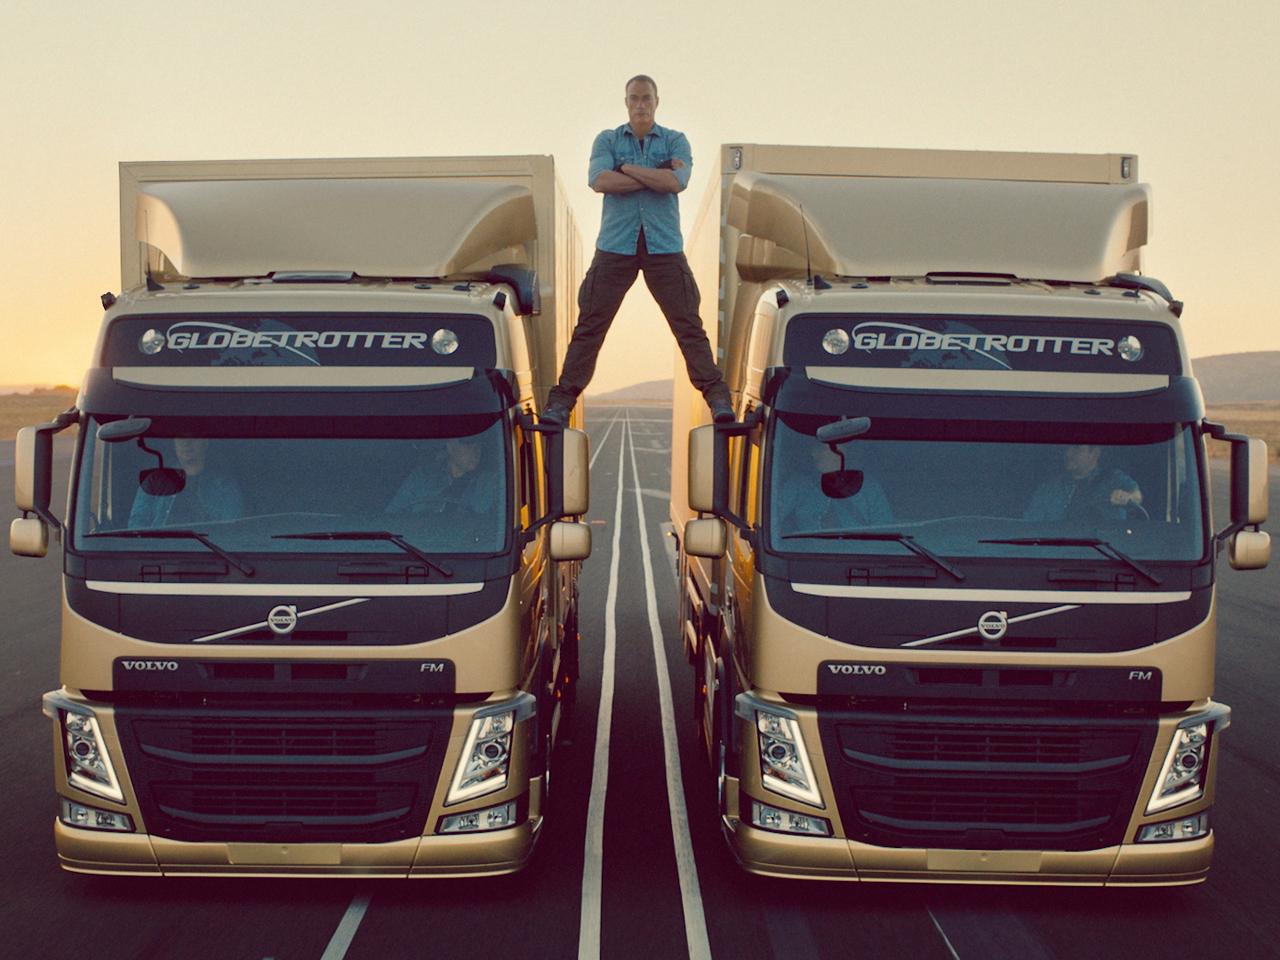 Image: Jean-Claude Van Damme